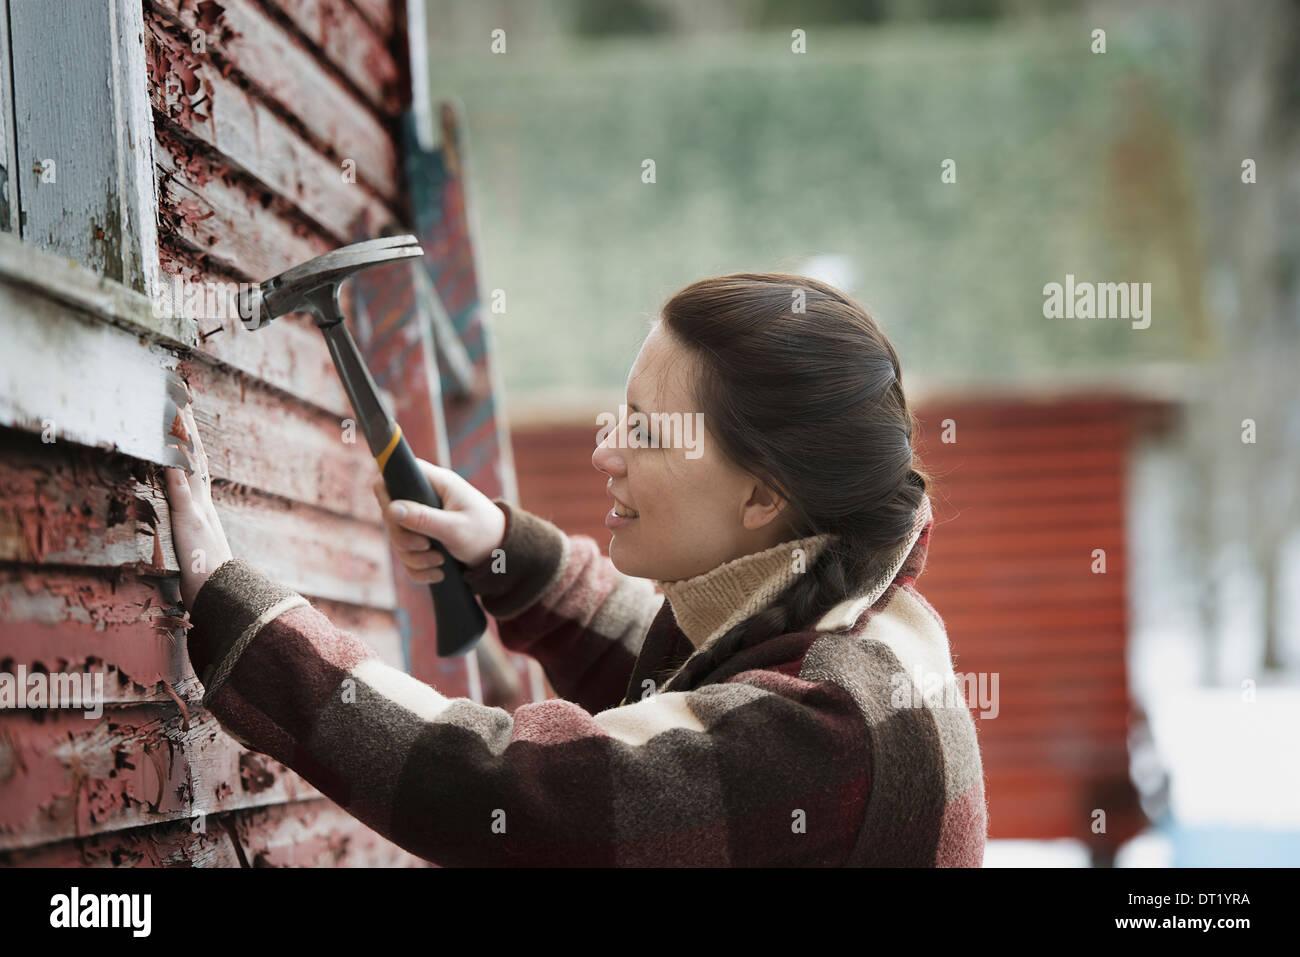 Une ferme biologique dans le nord de New York en hiver, une femme avec un marteau à réparer les bardeaux sur une grange Photo Stock